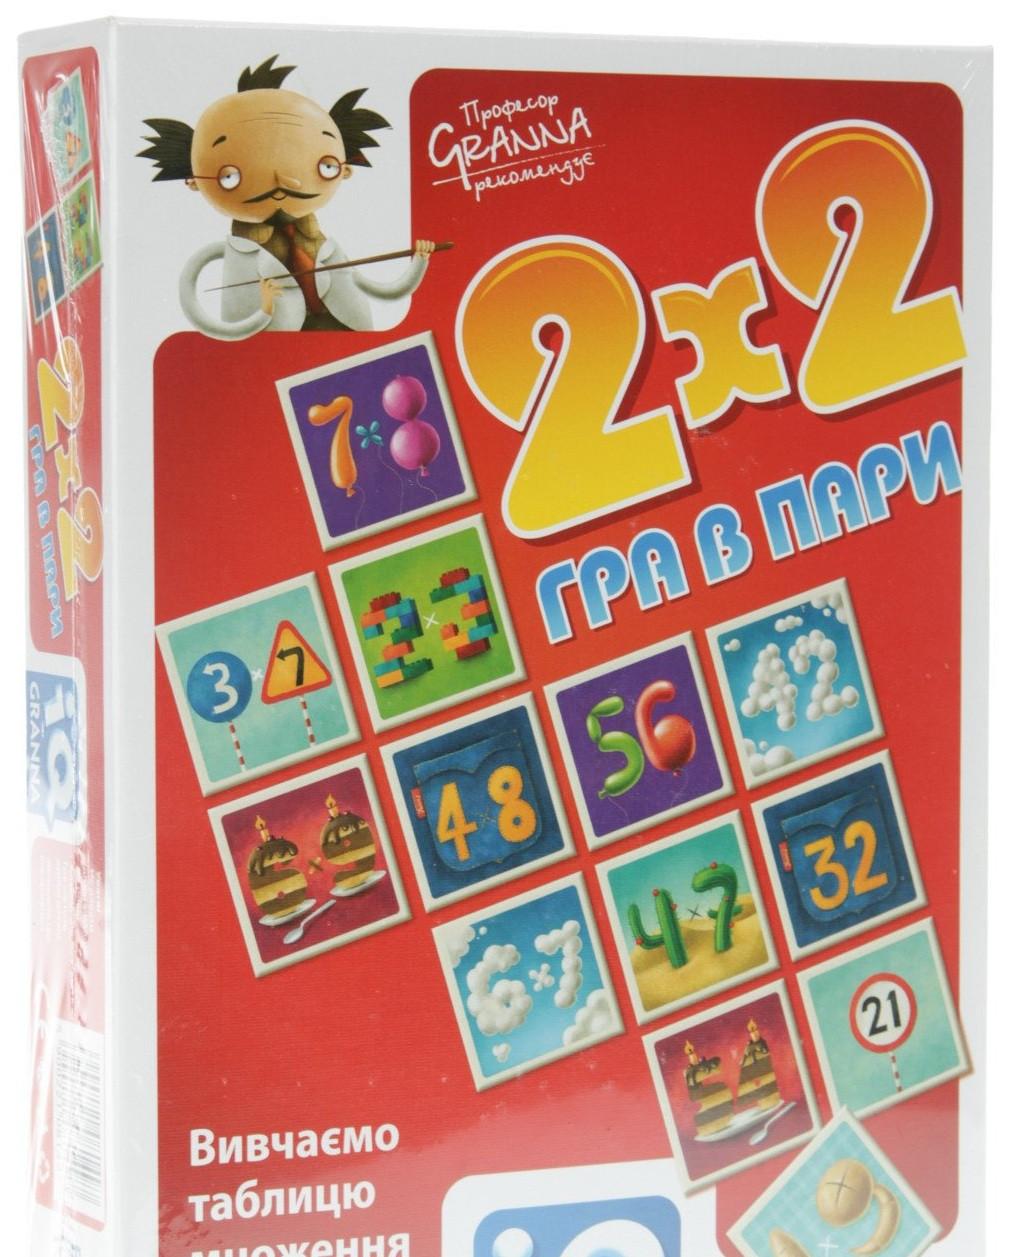 Настільна гра IQ 2х2 Гра в пари. ГРАННА